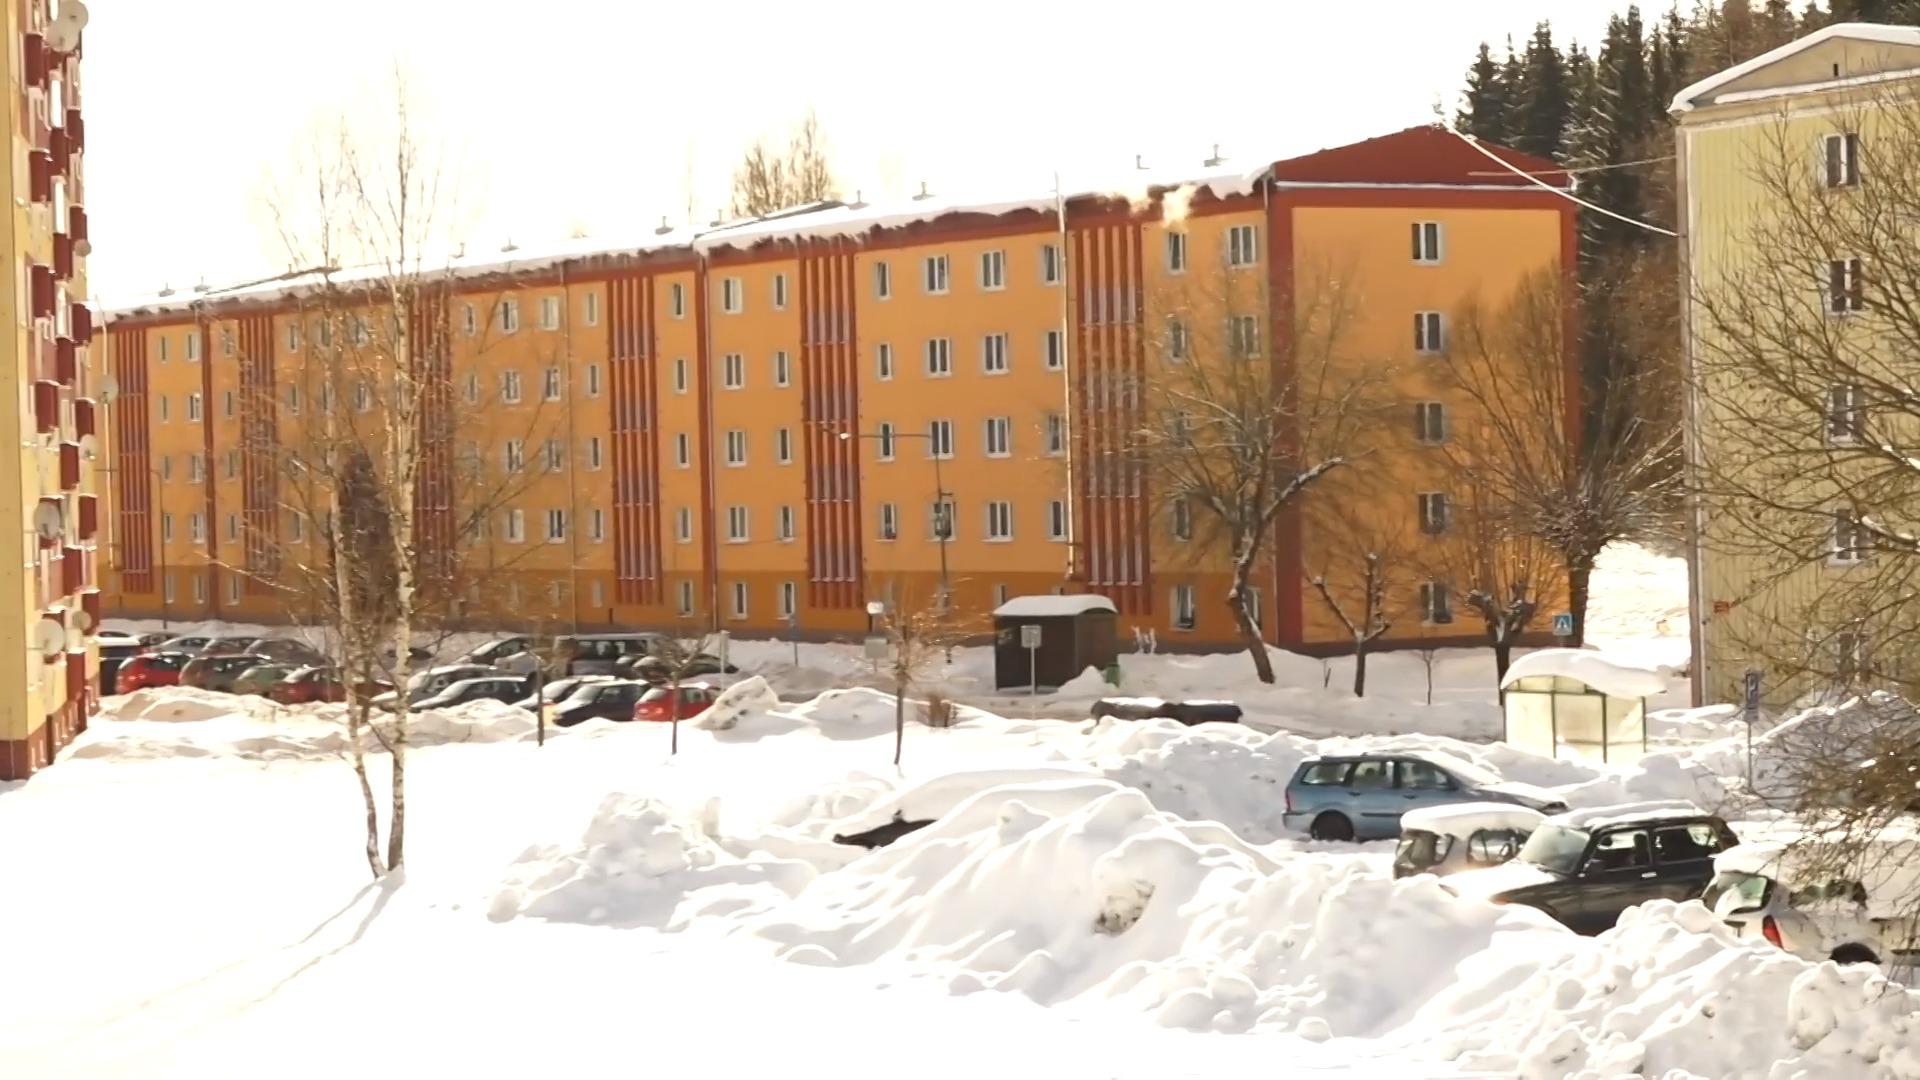 Archiv - nor 2018 - Oficiln strnky Msta Rotava